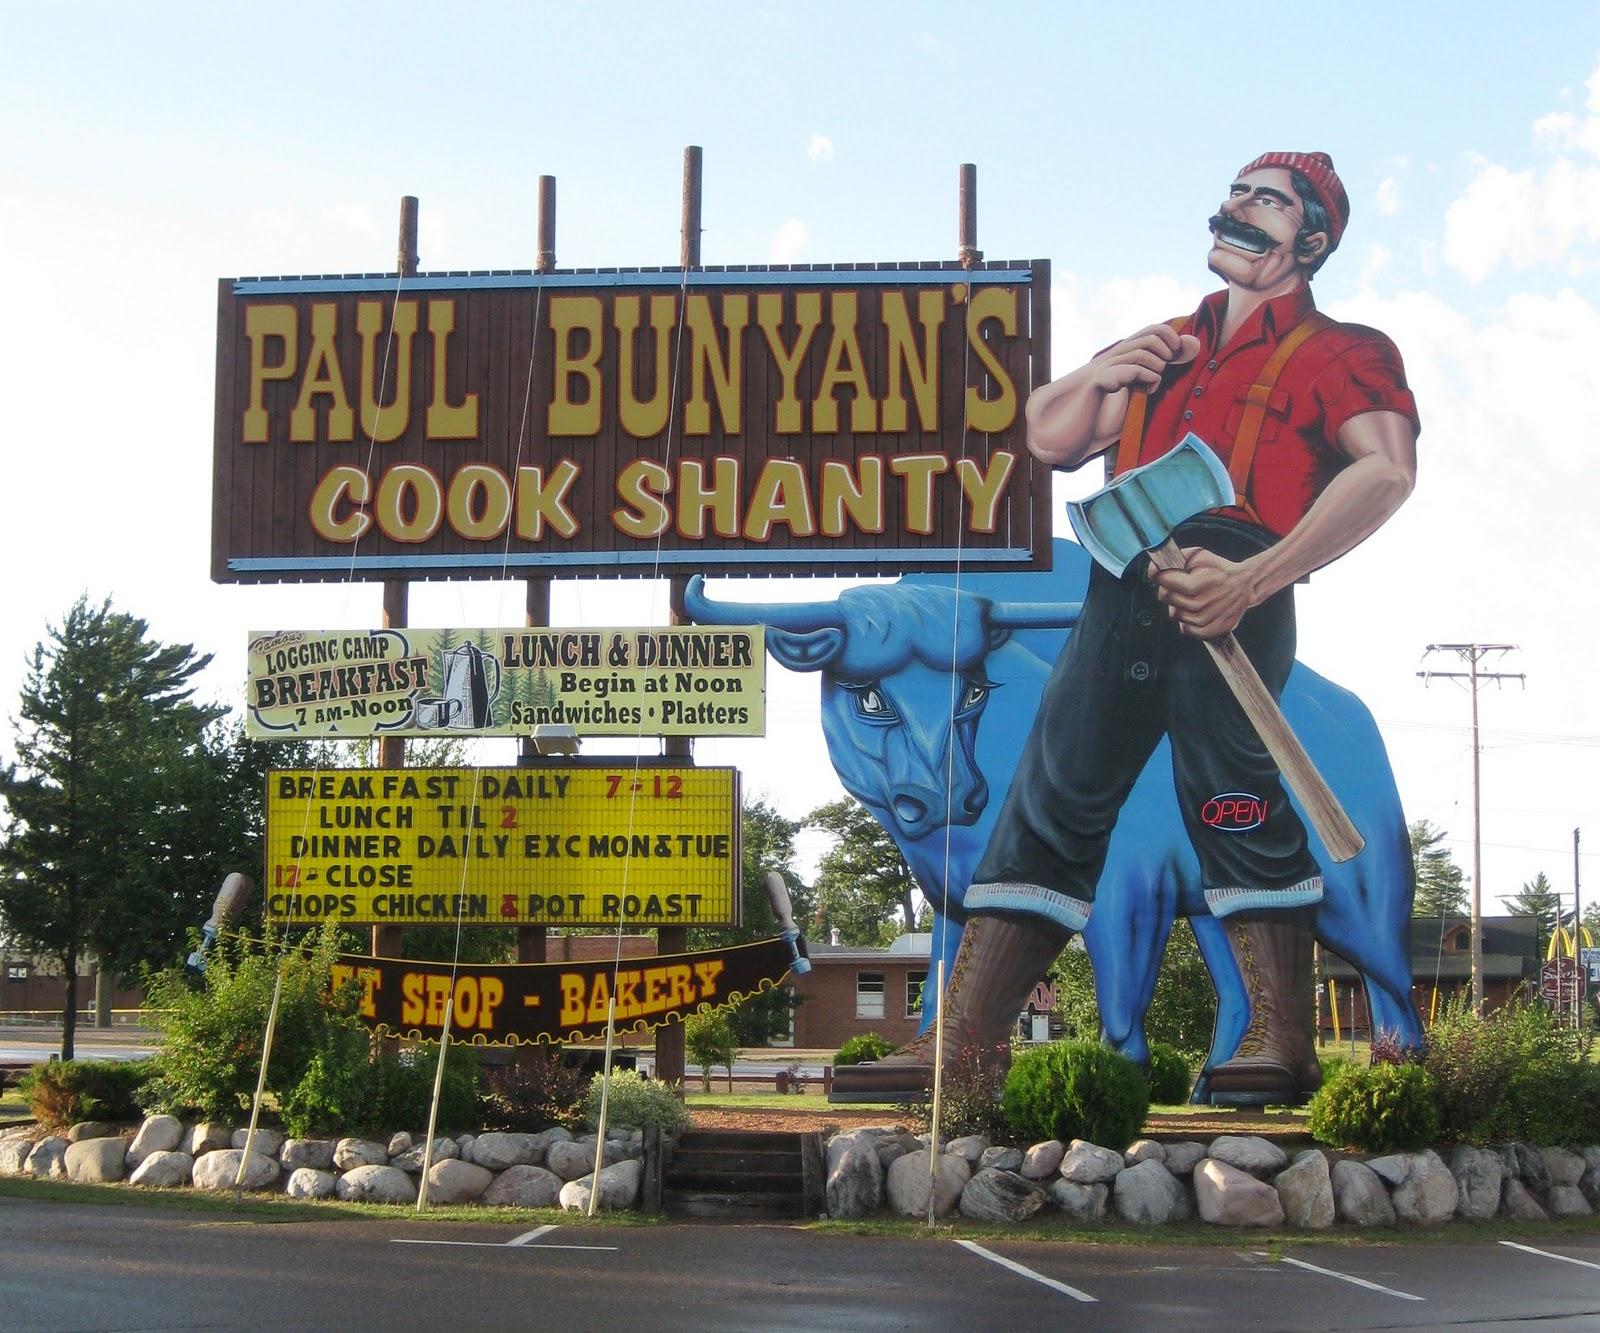 St Paul Food Pantry Wausau